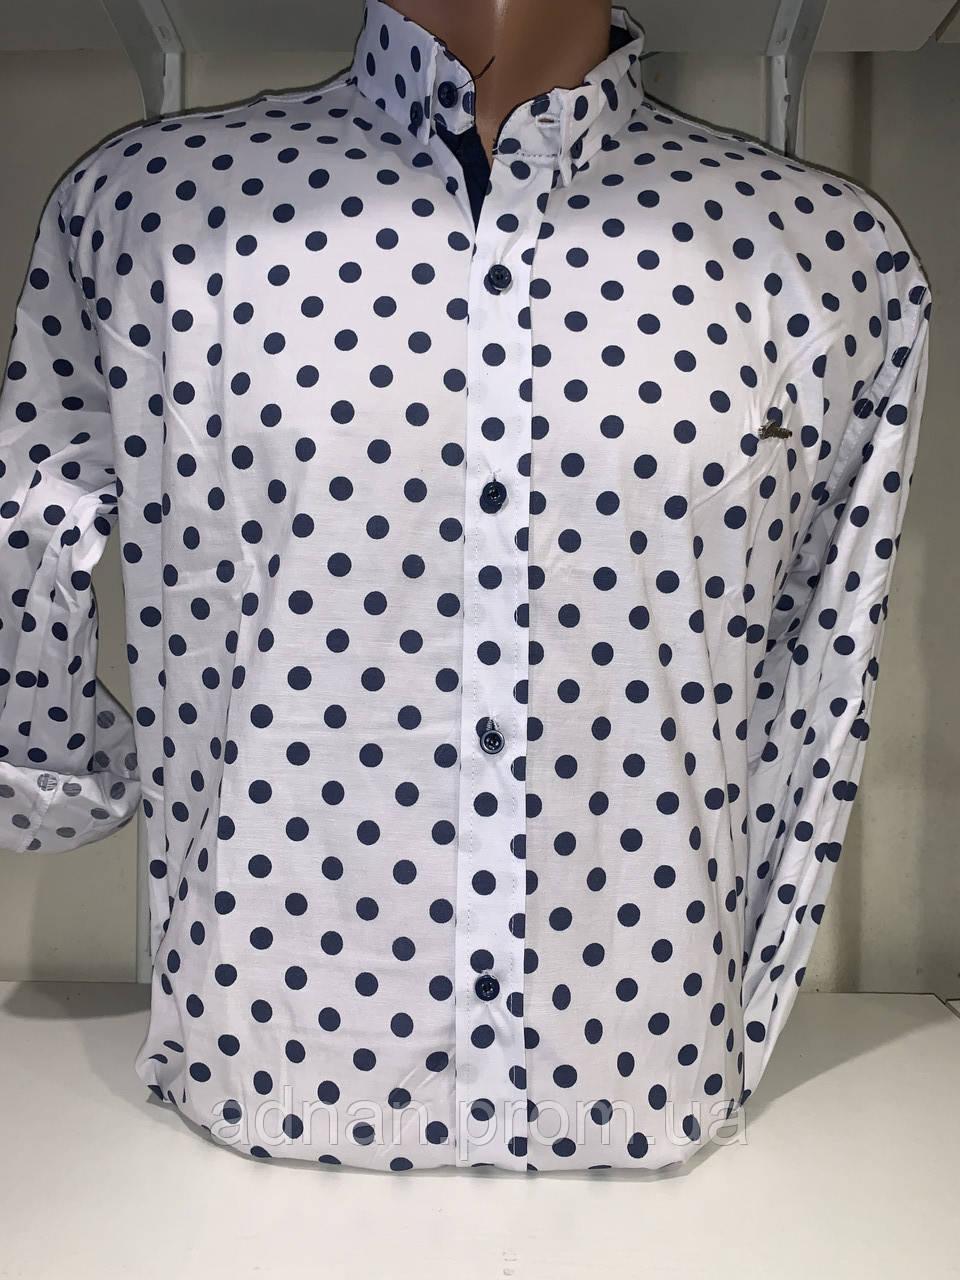 Рубашка мужская, X-Joker стрейч котон.рукав трансформер, узор - горох 2312.012 /купить рубашку